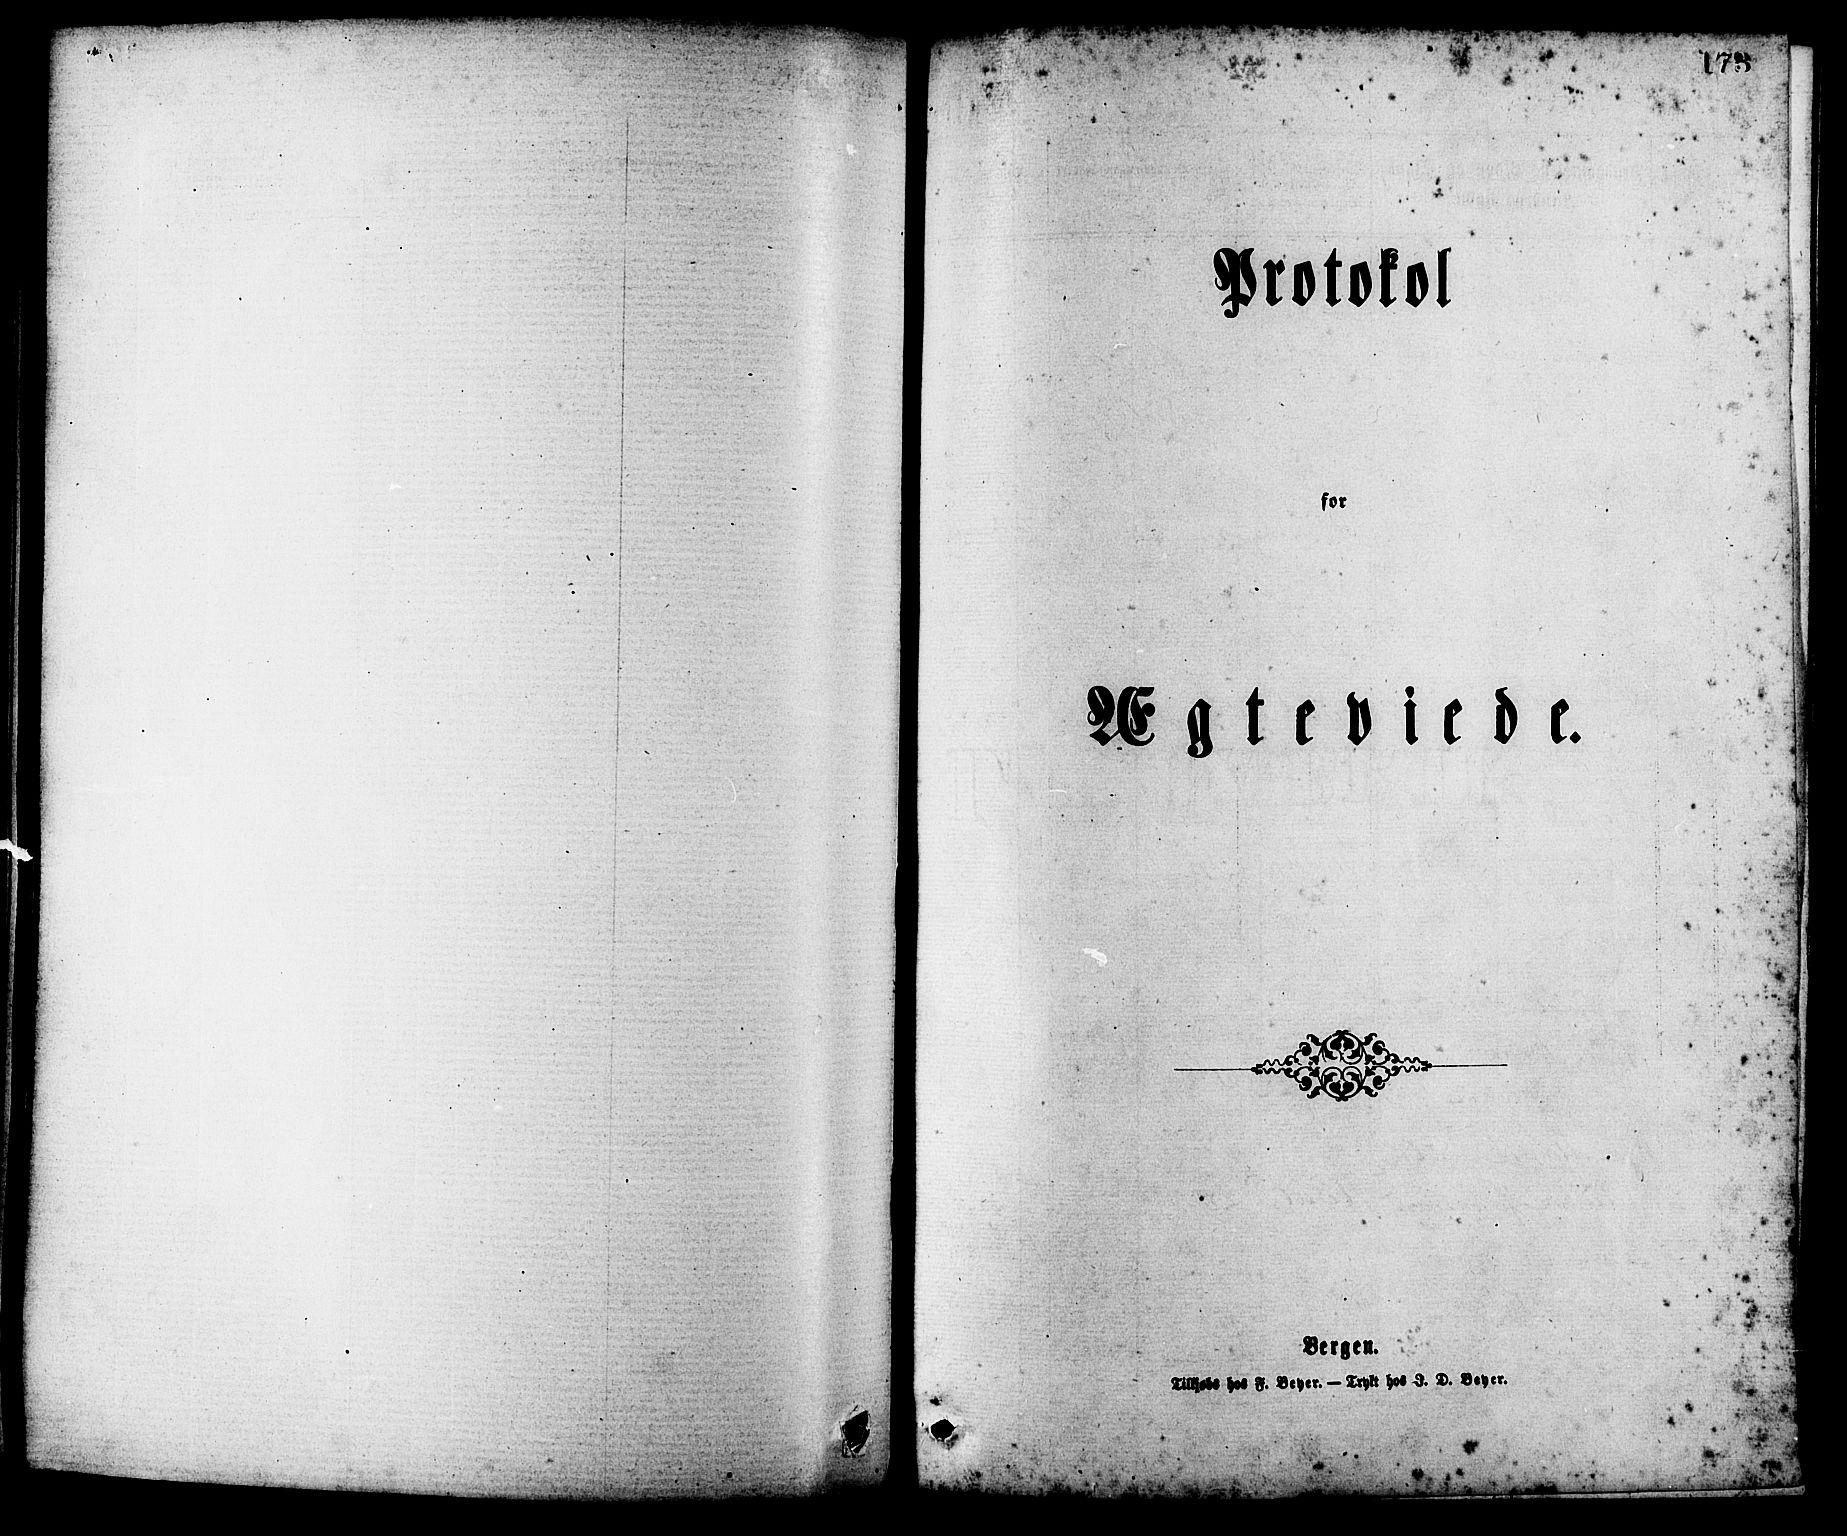 SAT, Ministerialprotokoller, klokkerbøker og fødselsregistre - Møre og Romsdal, 537/L0519: Ministerialbok nr. 537A03, 1876-1889, s. 173